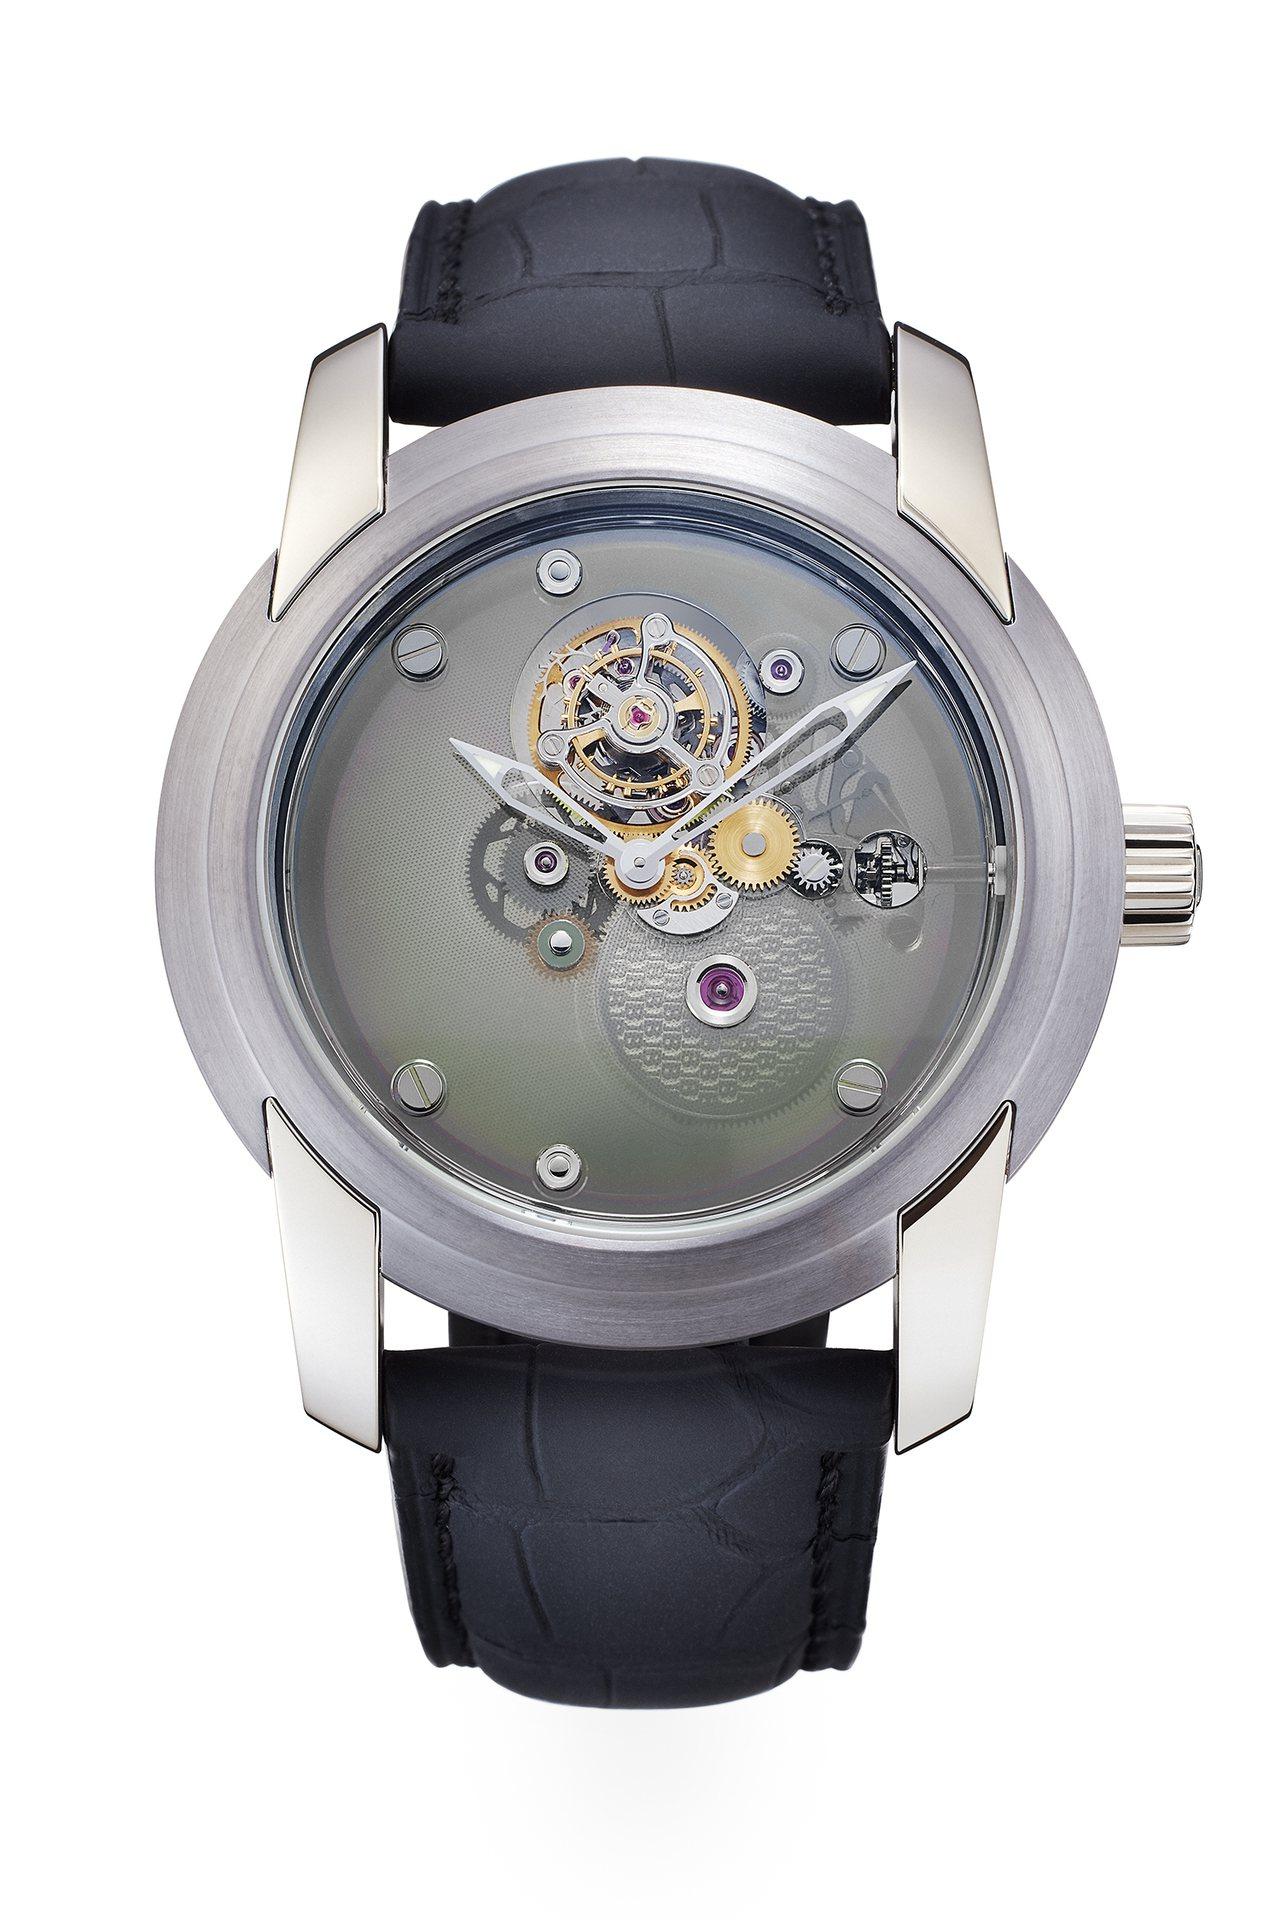 寶鉑藍寶石一分鐘飛行卡羅素限量表,全球限量50只,台灣藏家購入編號1號的珍品。圖...